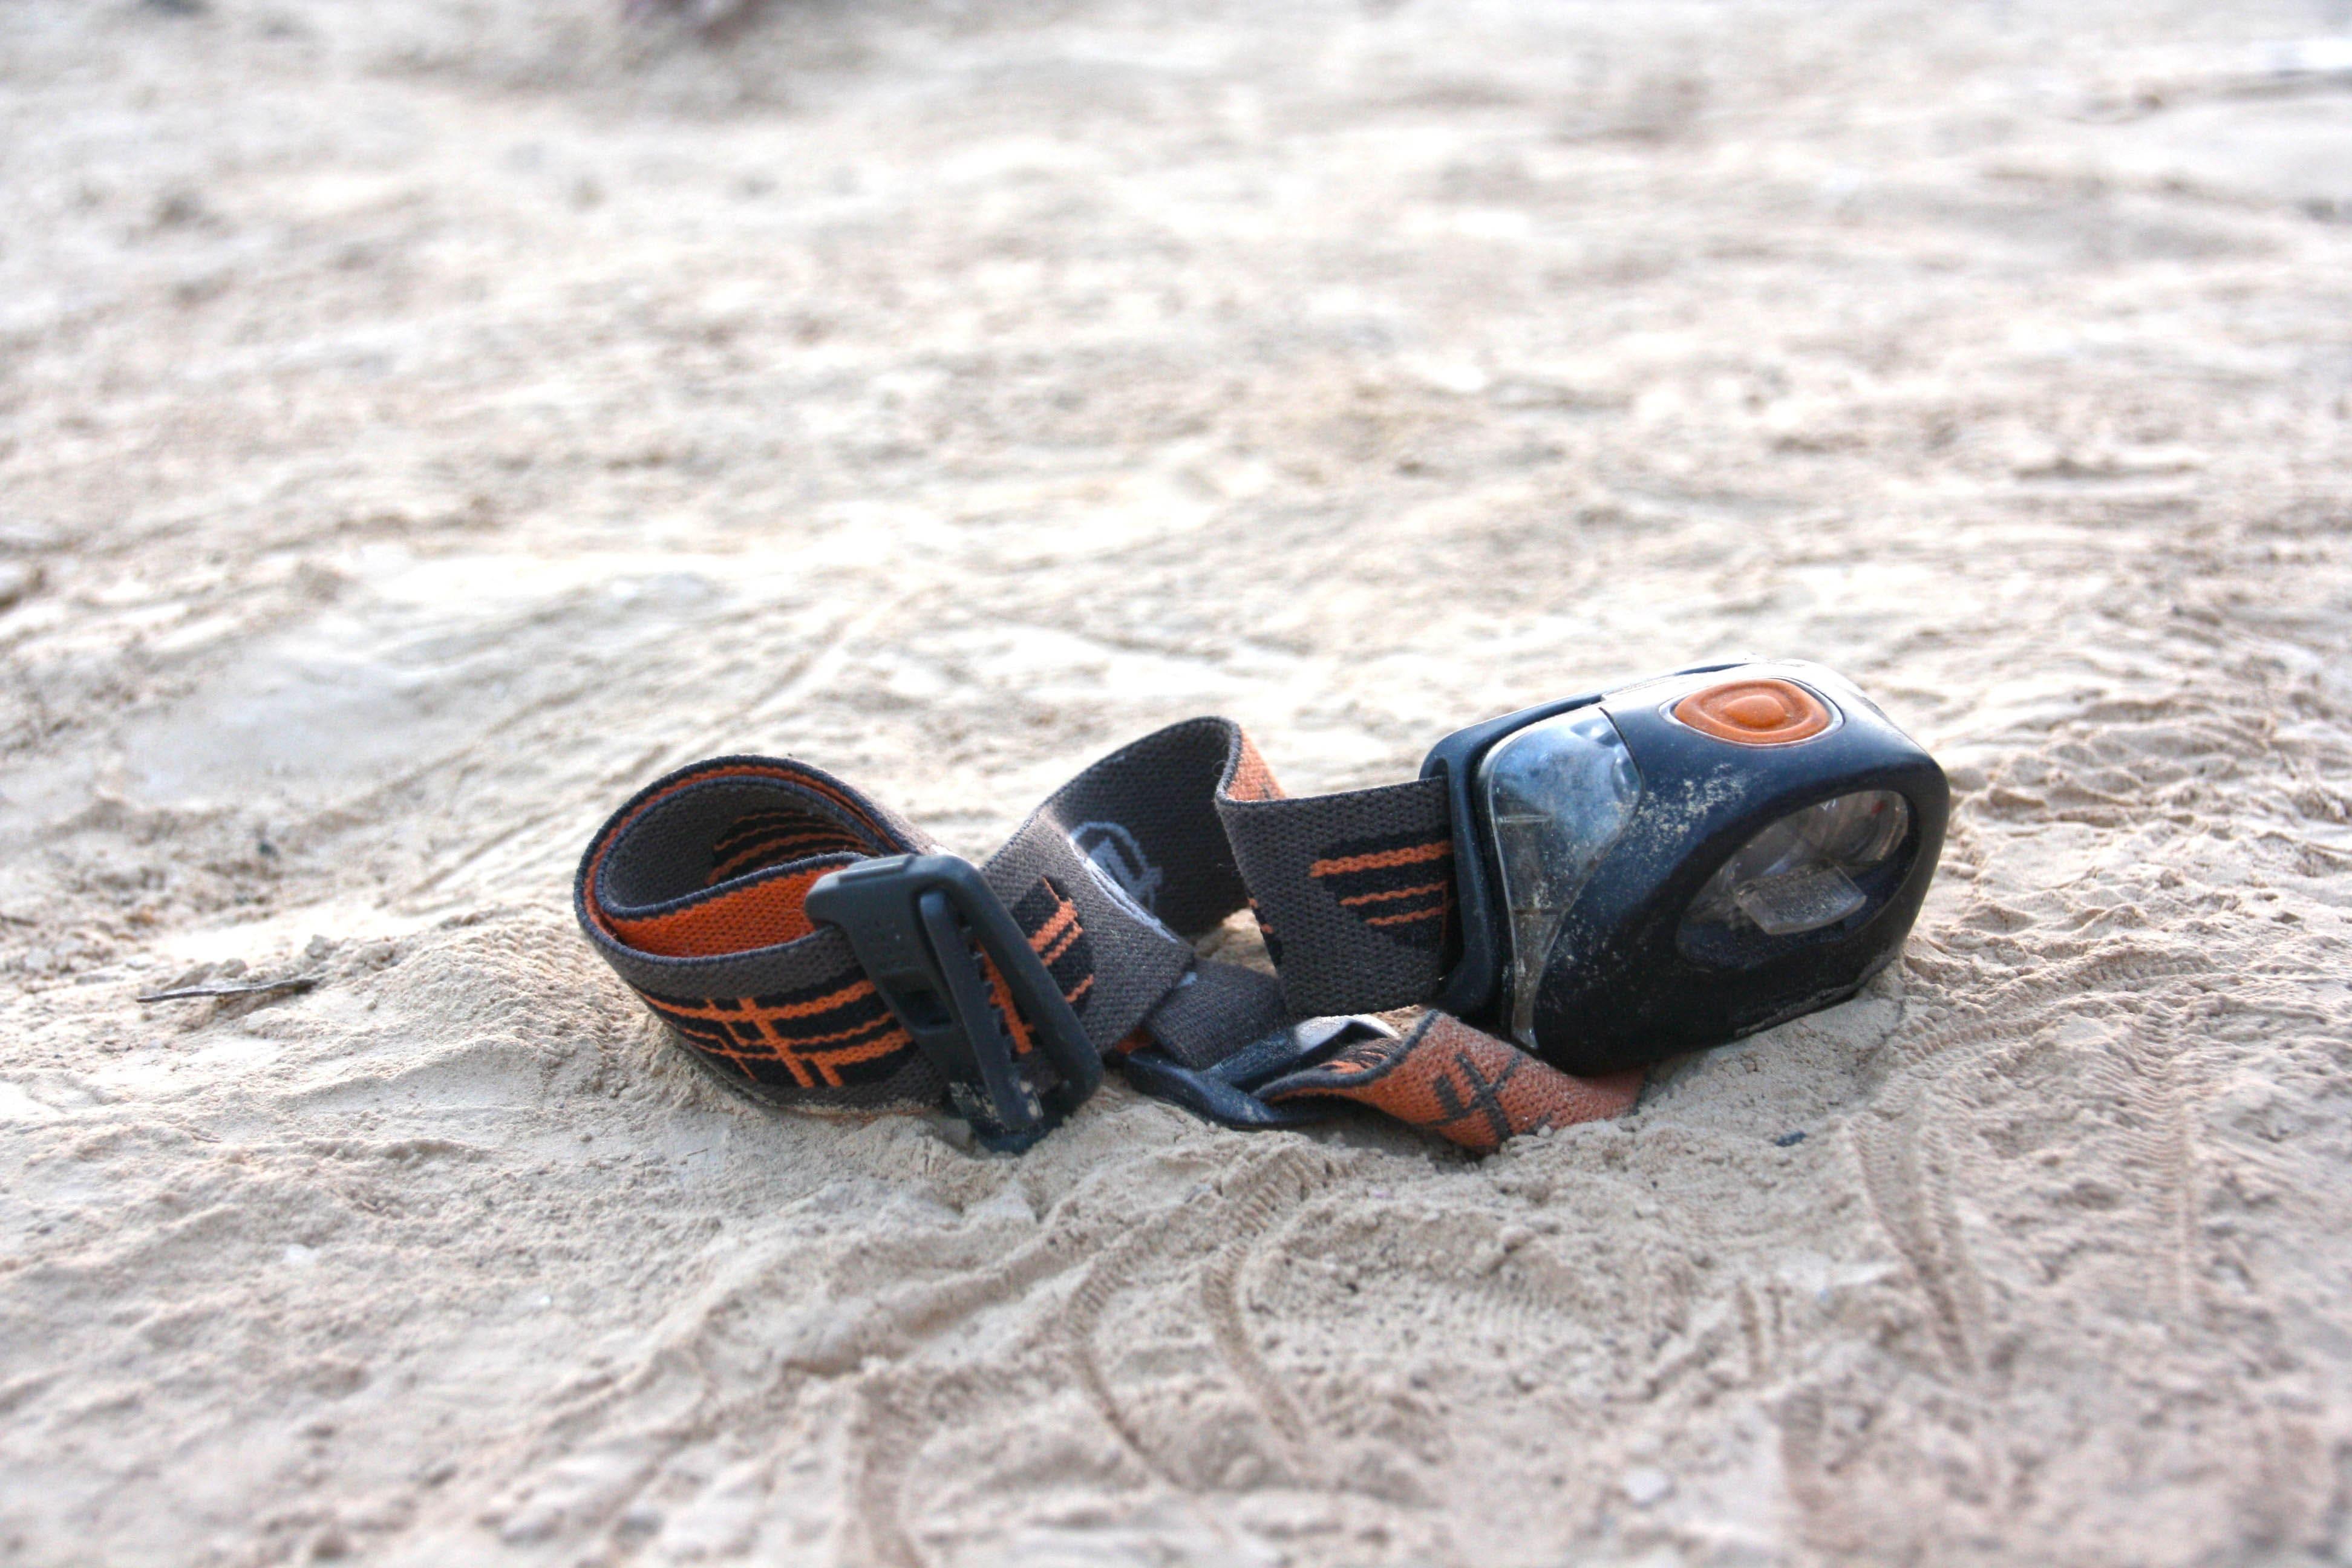 פנס ראש על החול